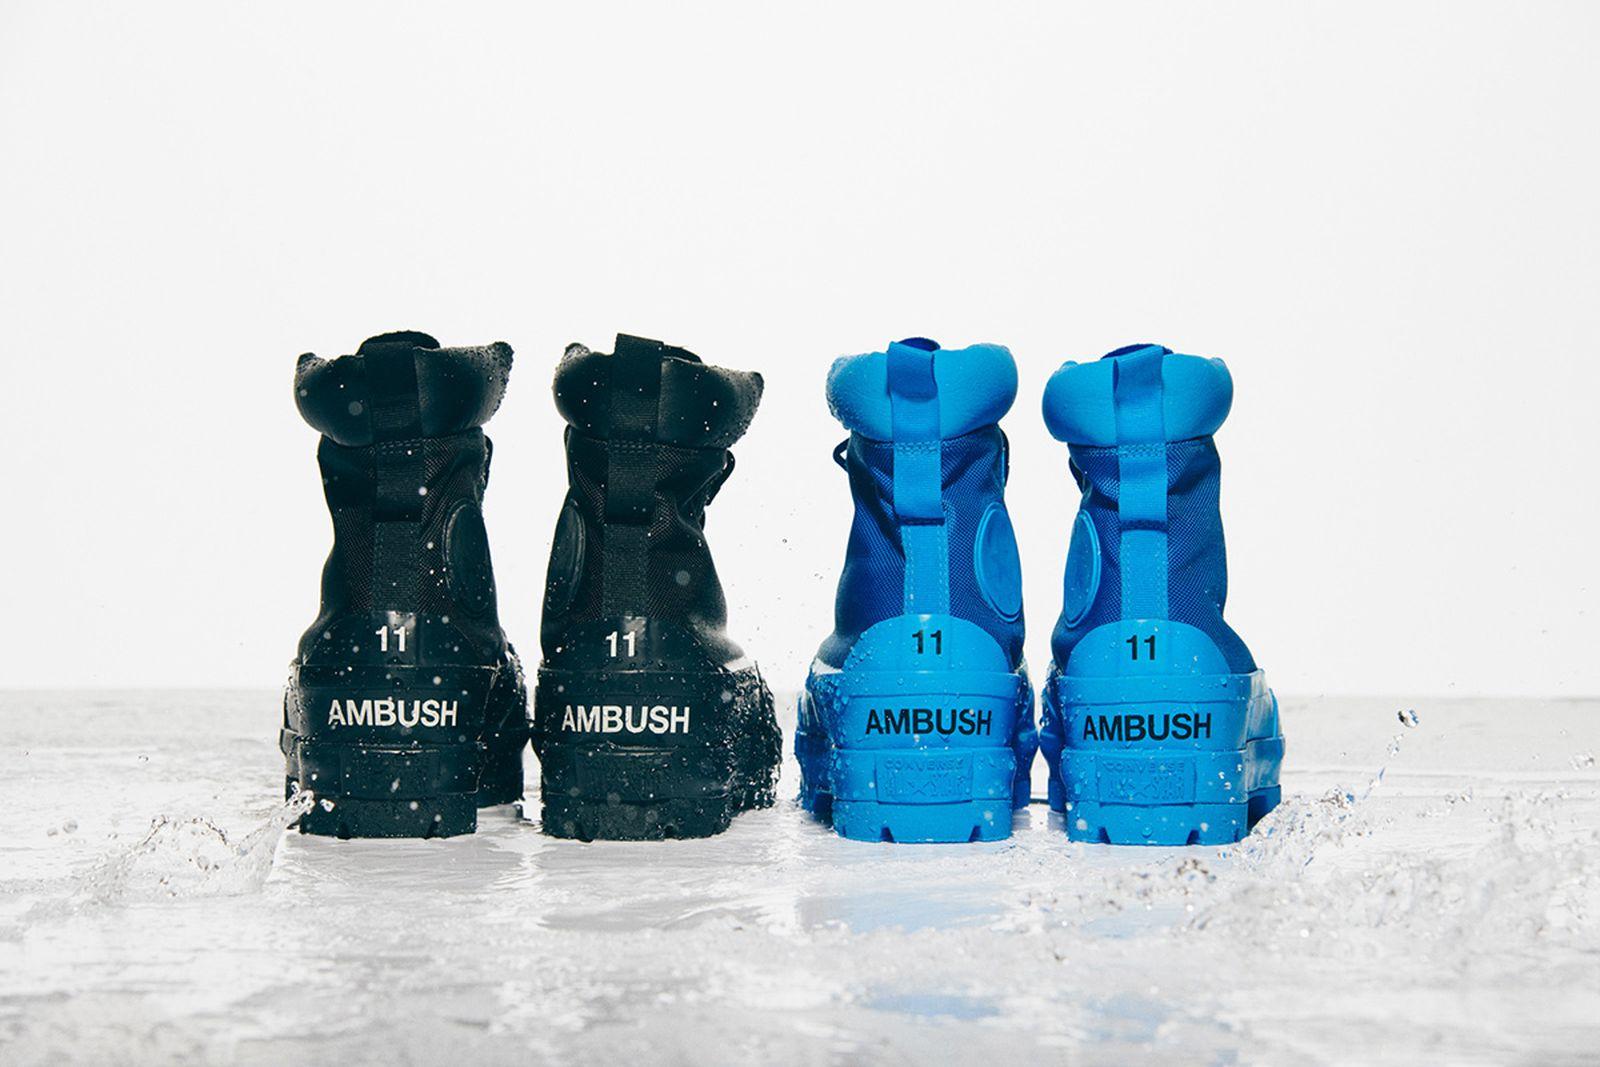 ambush-converse-ctas-duck-boot-release-date-price-19